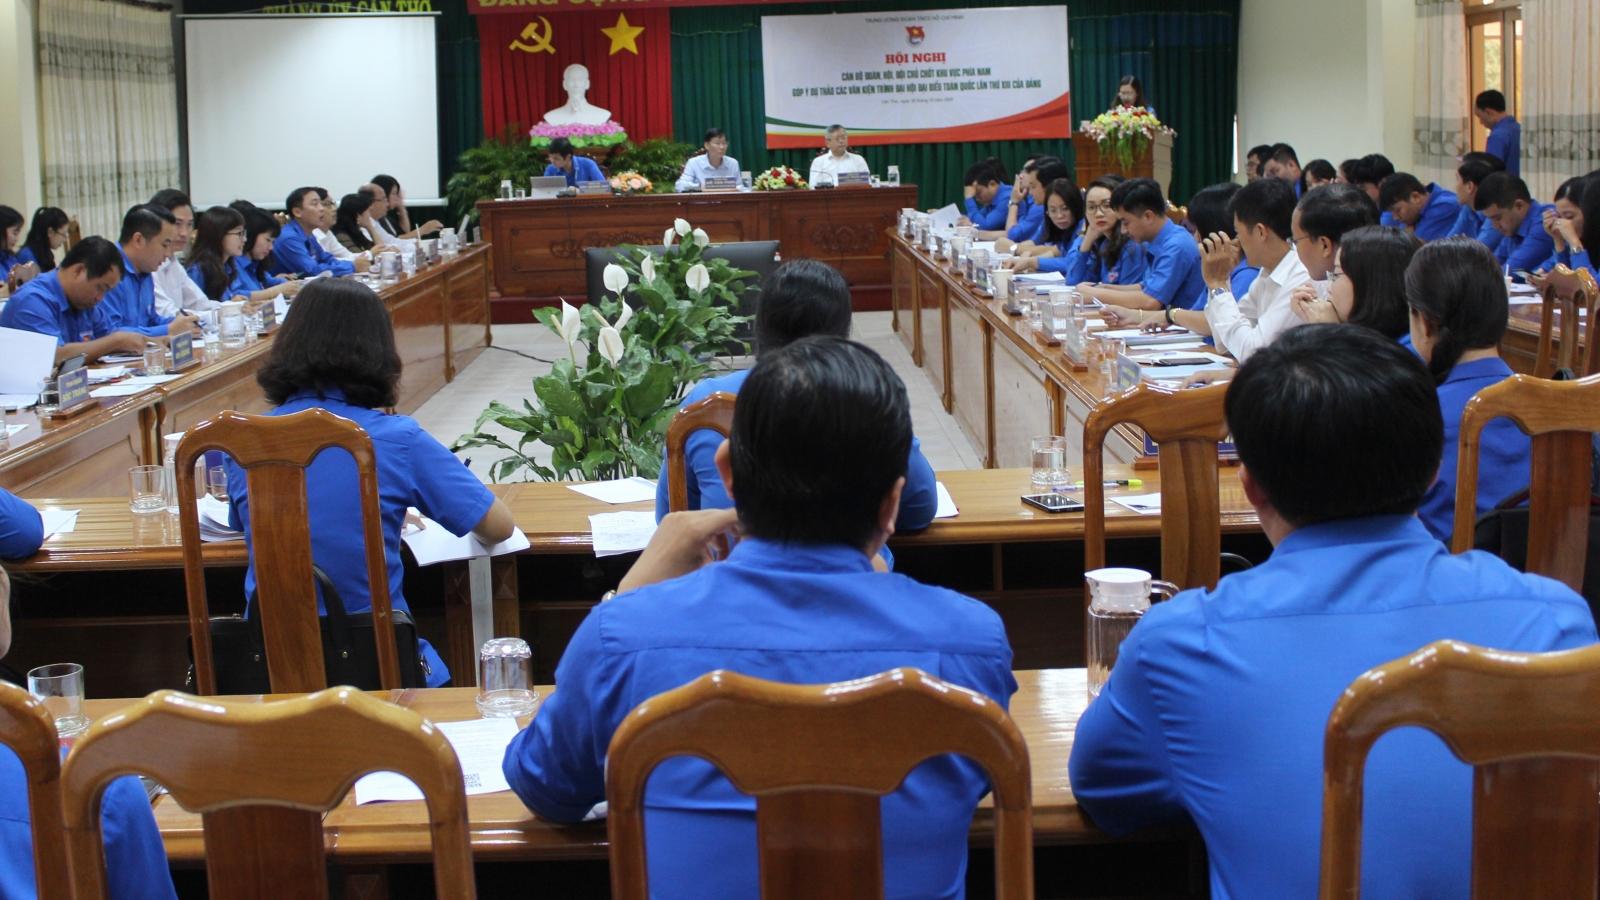 Cán bộ Đoàn, Hội góp ý dự thảo văn kiện Đại hội XIII